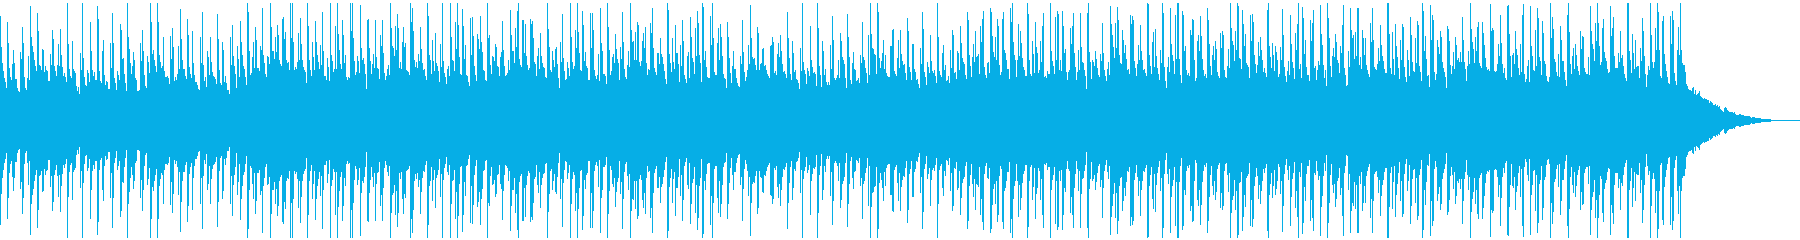 ゆったりほのぼのウクレレ,CM,BGM等の再生済みの波形